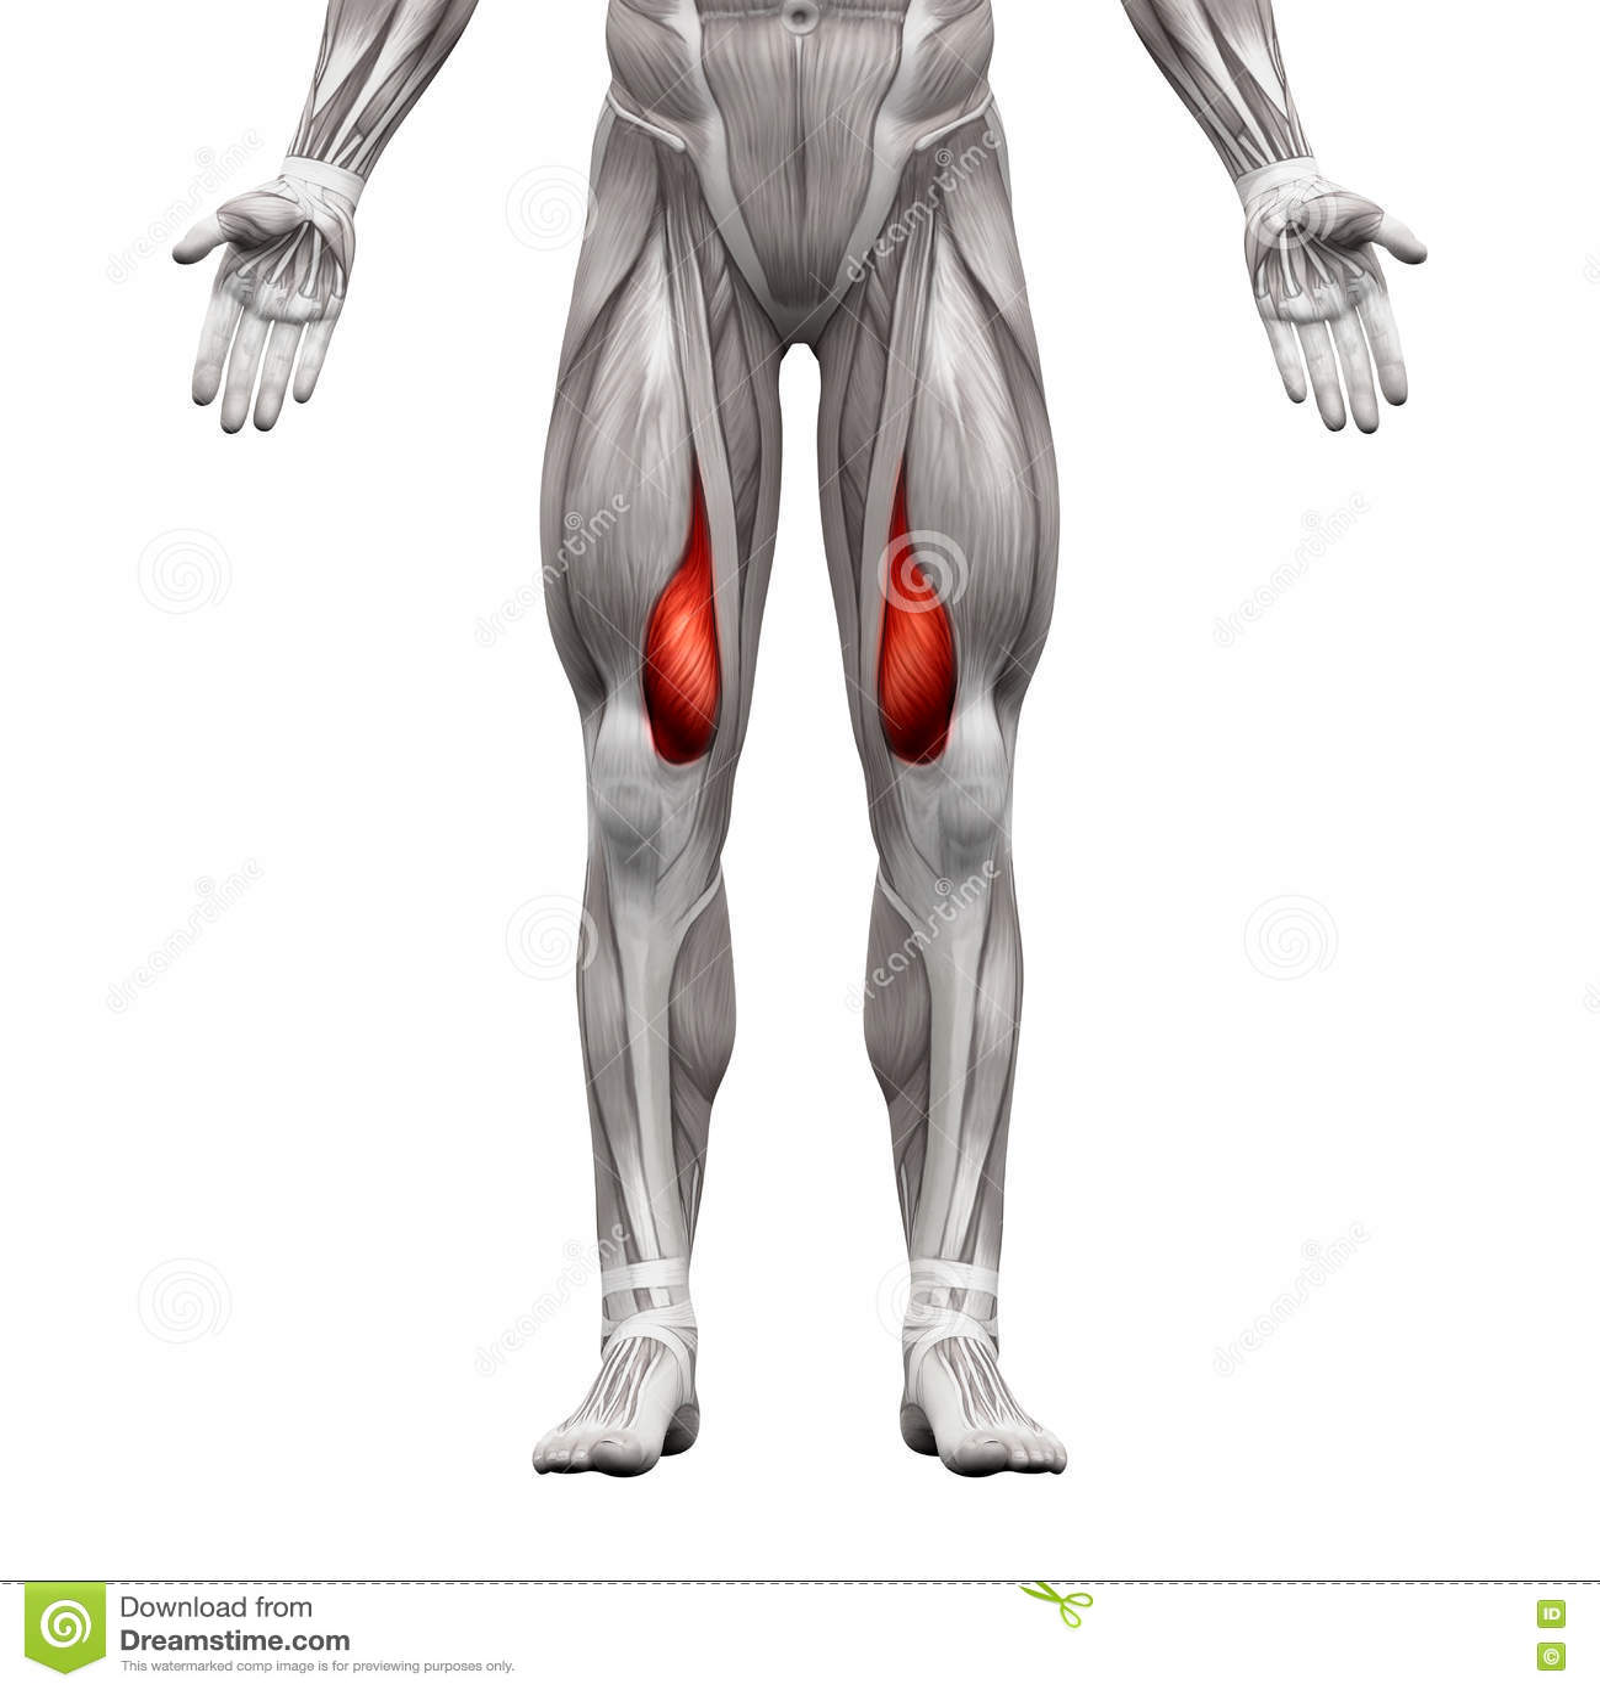 Ziemlich Muskelaufbau Anatomie Bilder - Anatomie Ideen - finotti.info